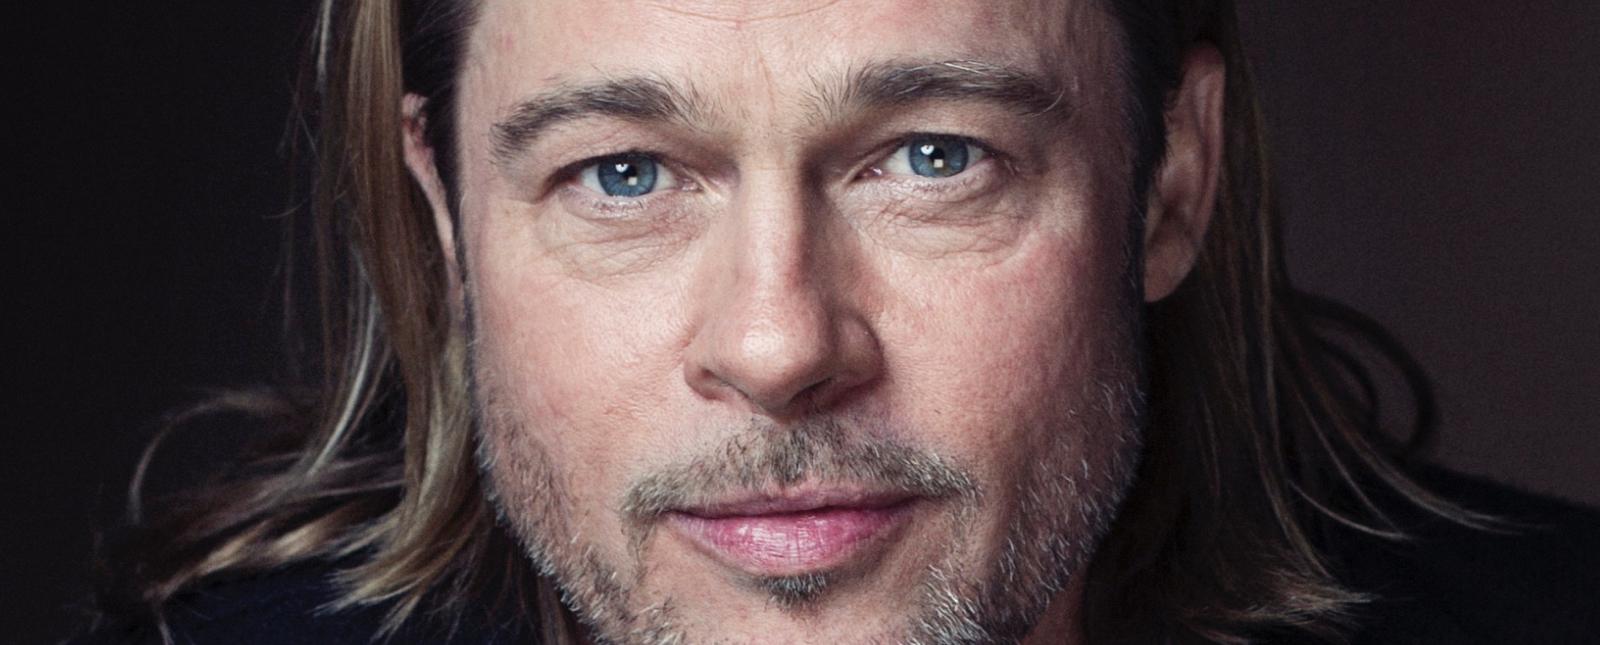 40 fotografías de Brad Pitt que demuestran su belleza